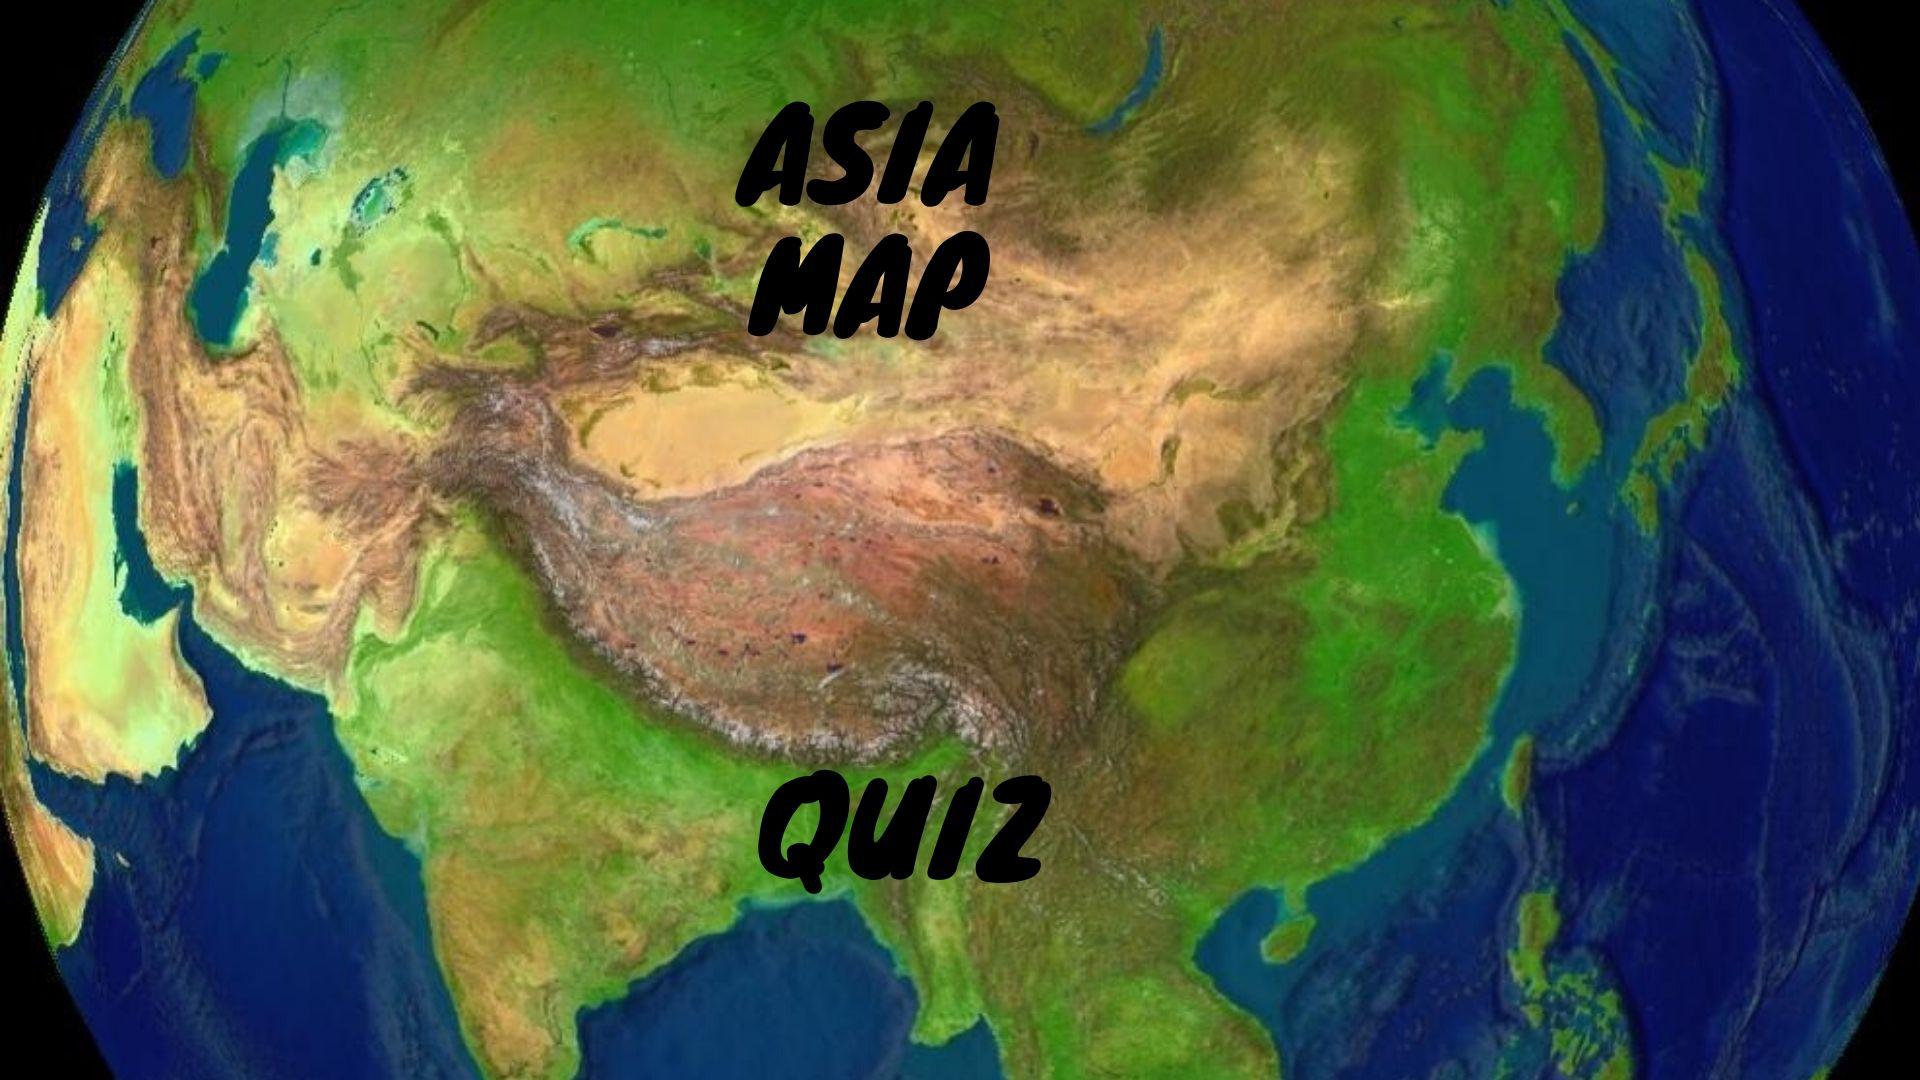 asia map quiz